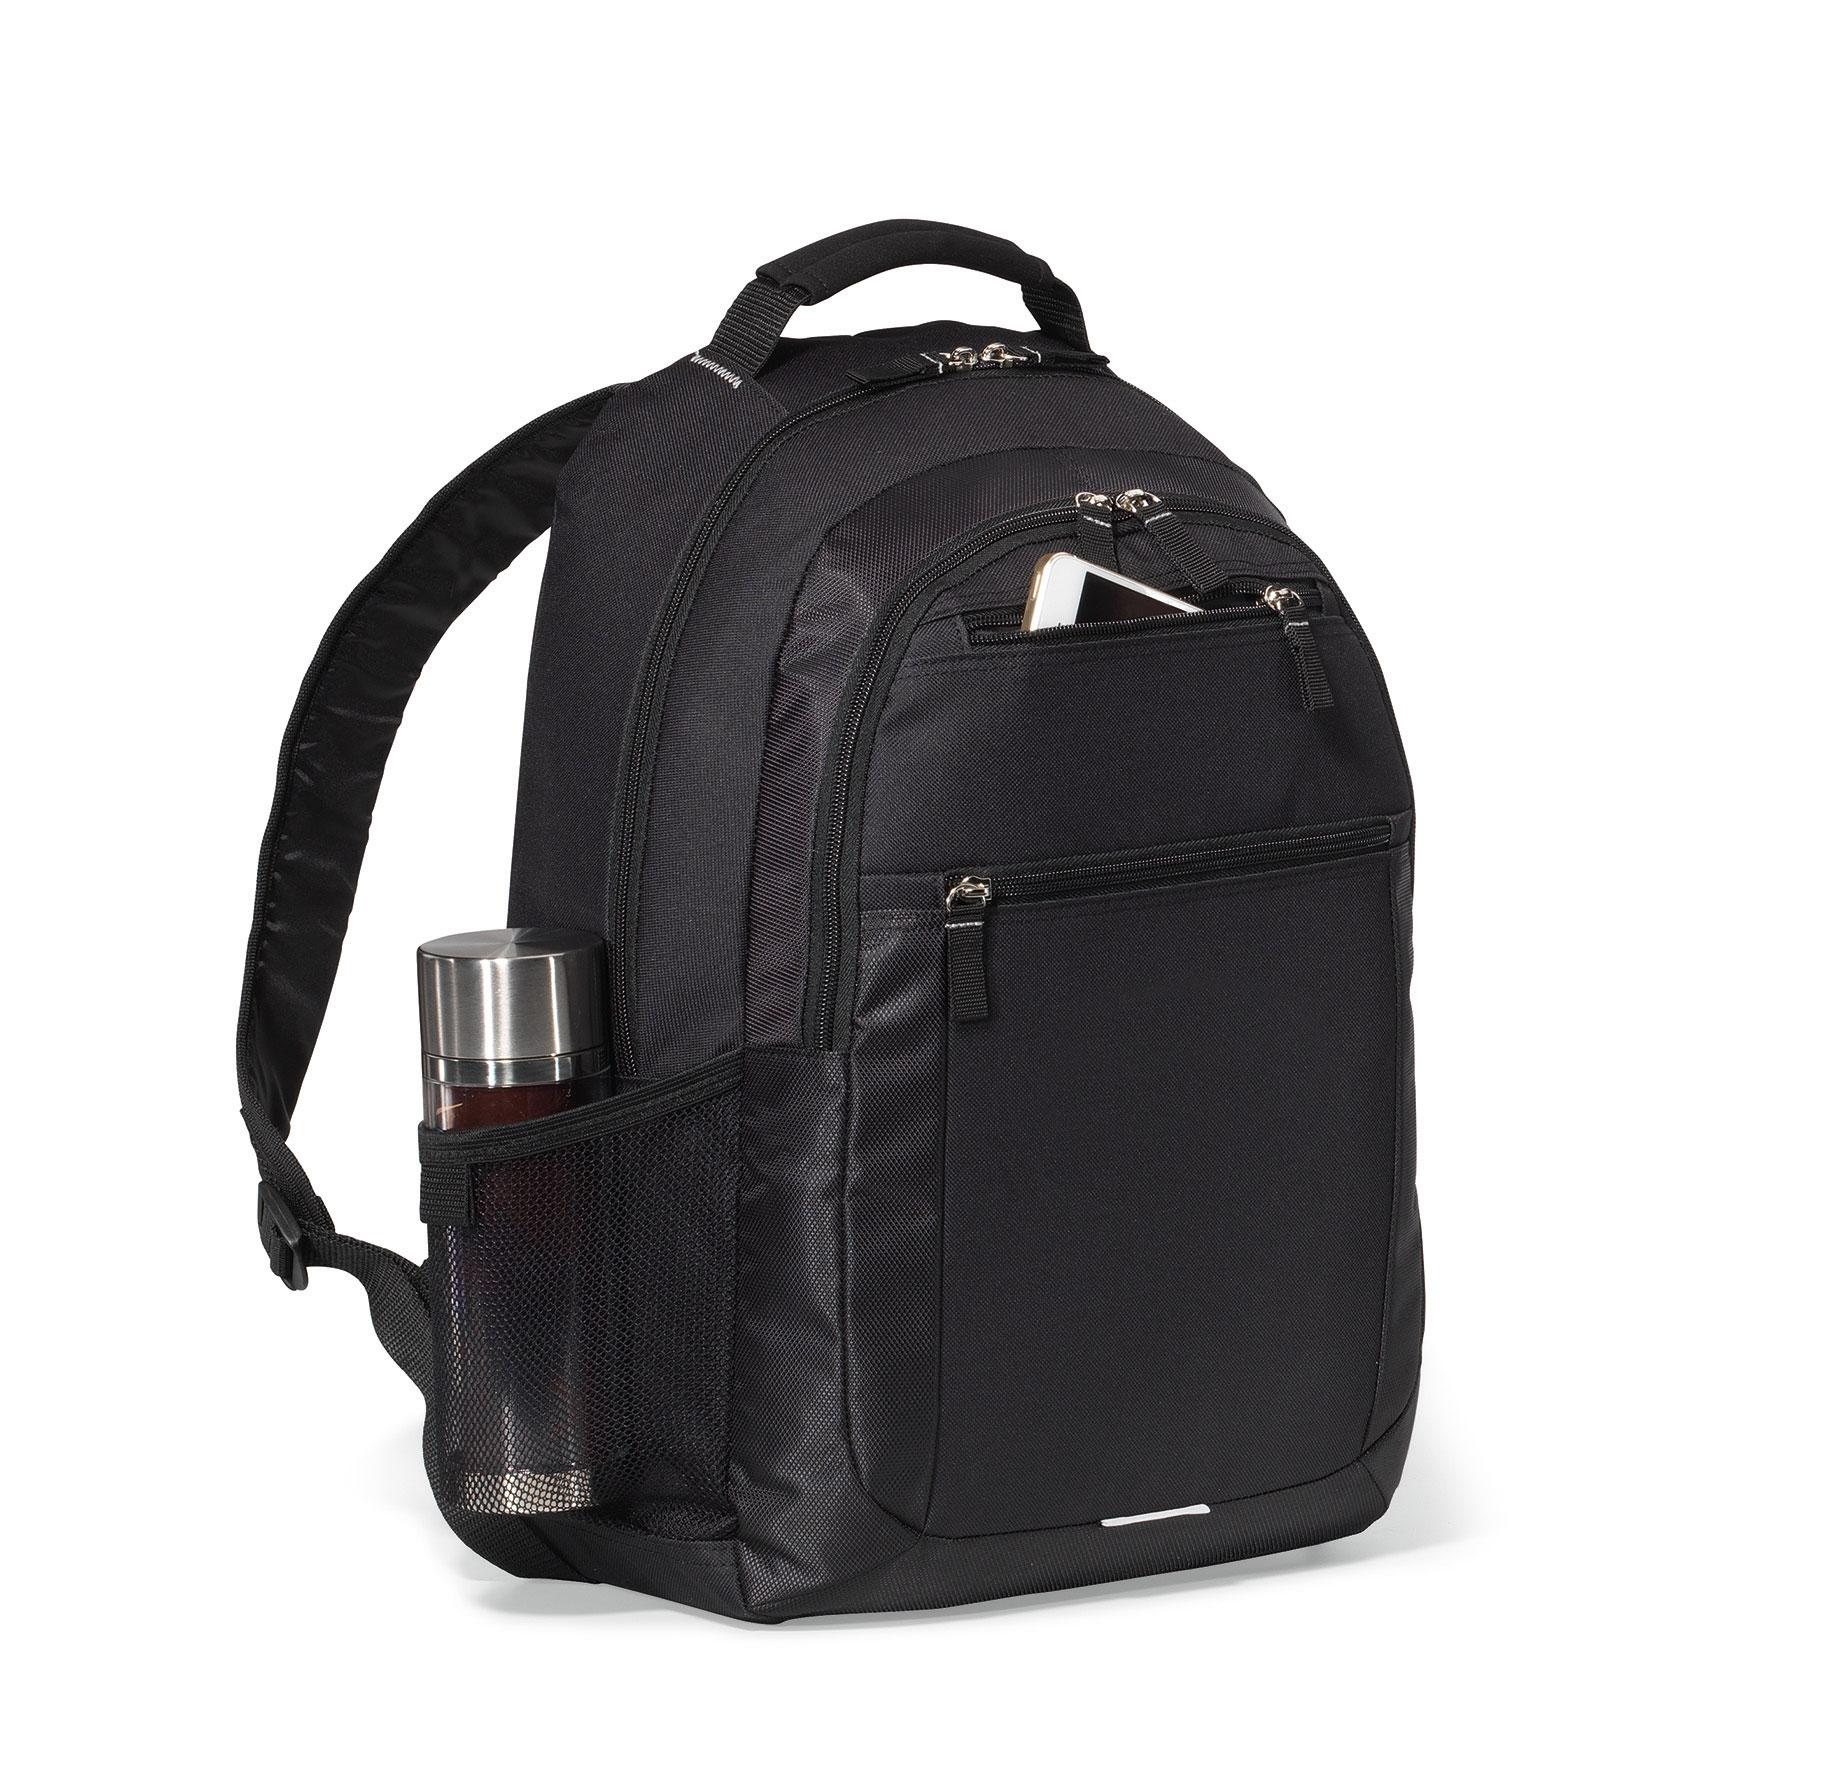 Gemline 5355 - Pilot Computer Backpack